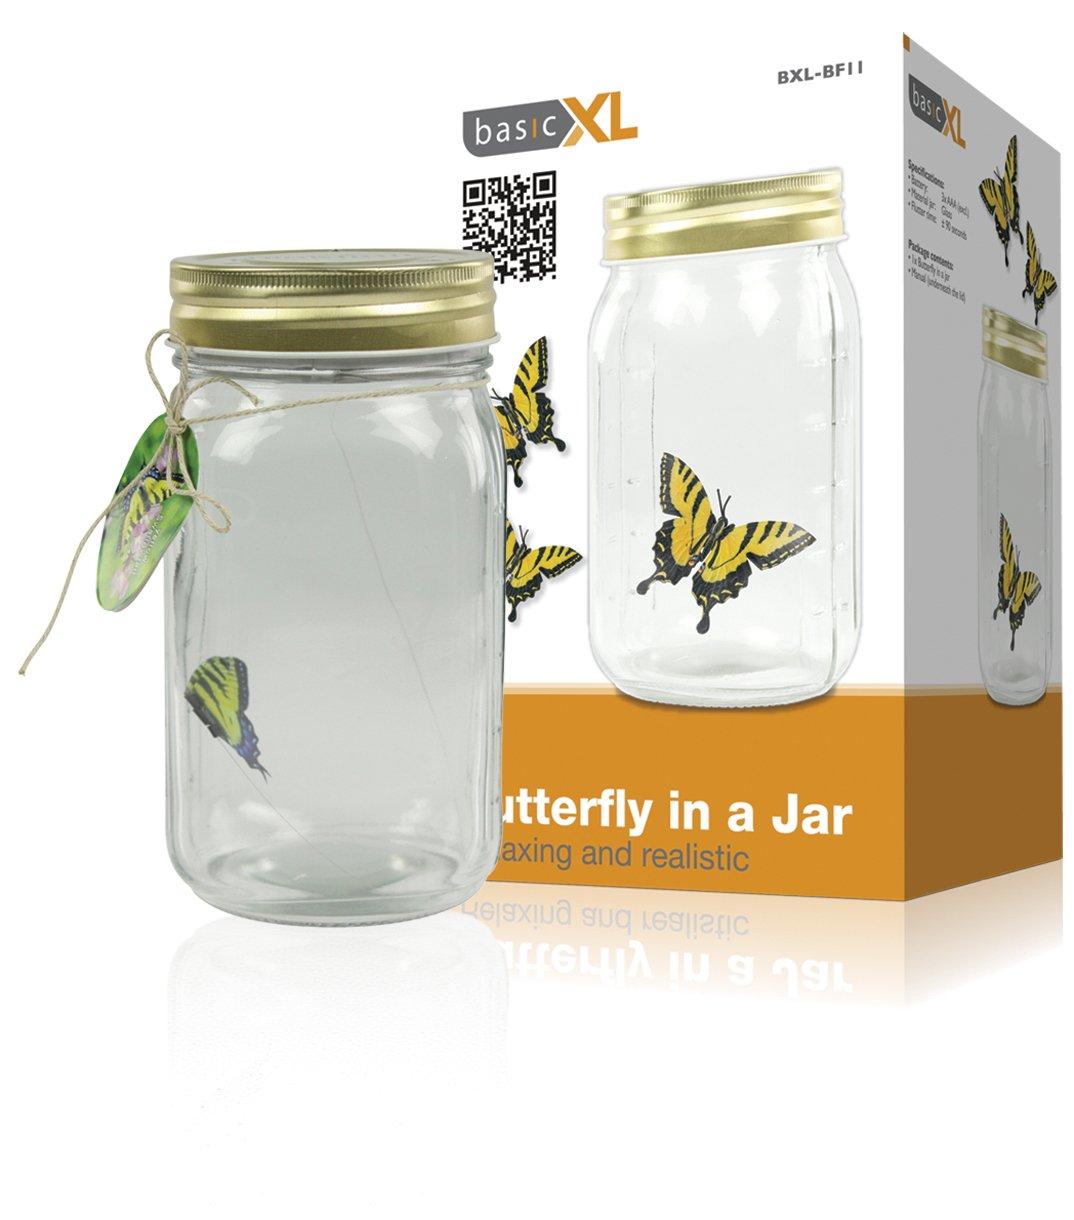 basicXL BF-11 - Figura decorativa de mariposa en un tarro  Hogar más información y comentarios